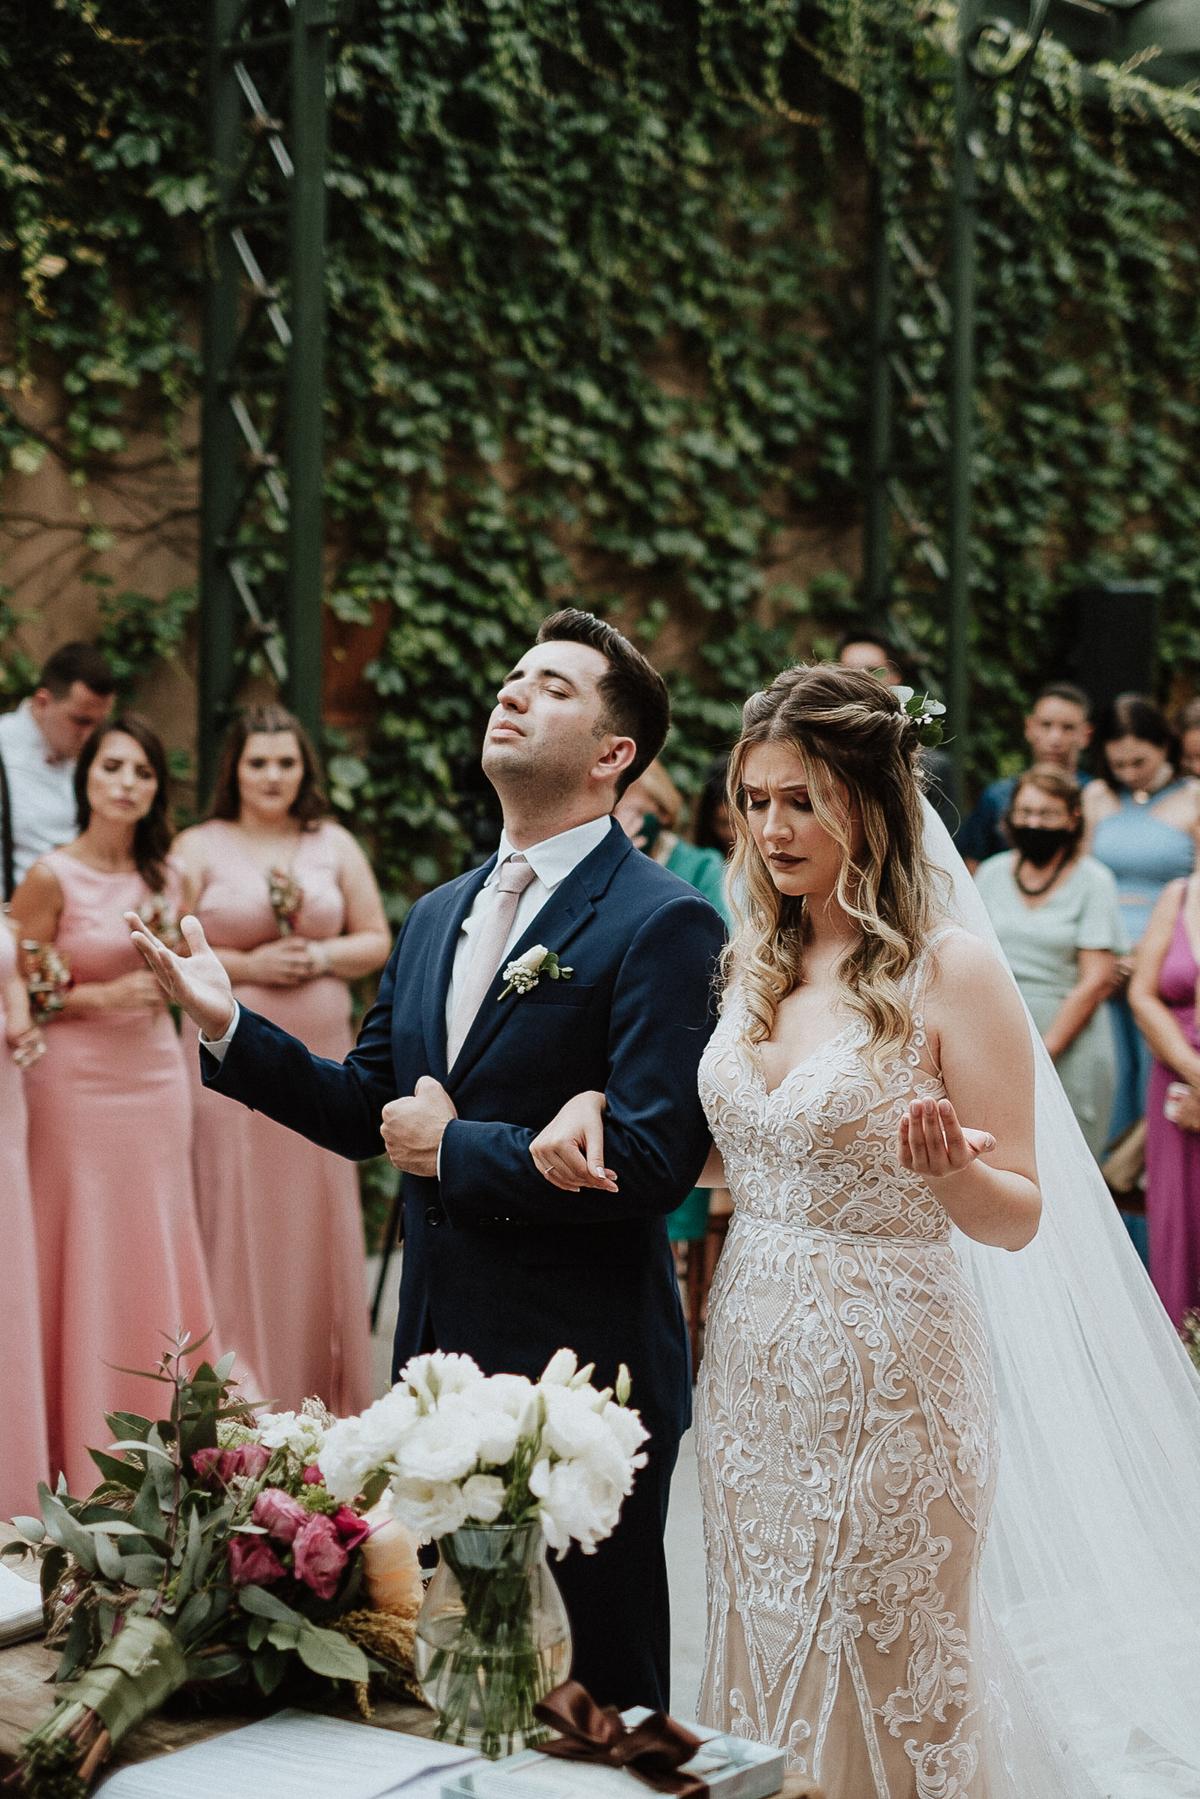 casamento de dia fotos por caio henrique cerimonia no campo sitio sao jorge